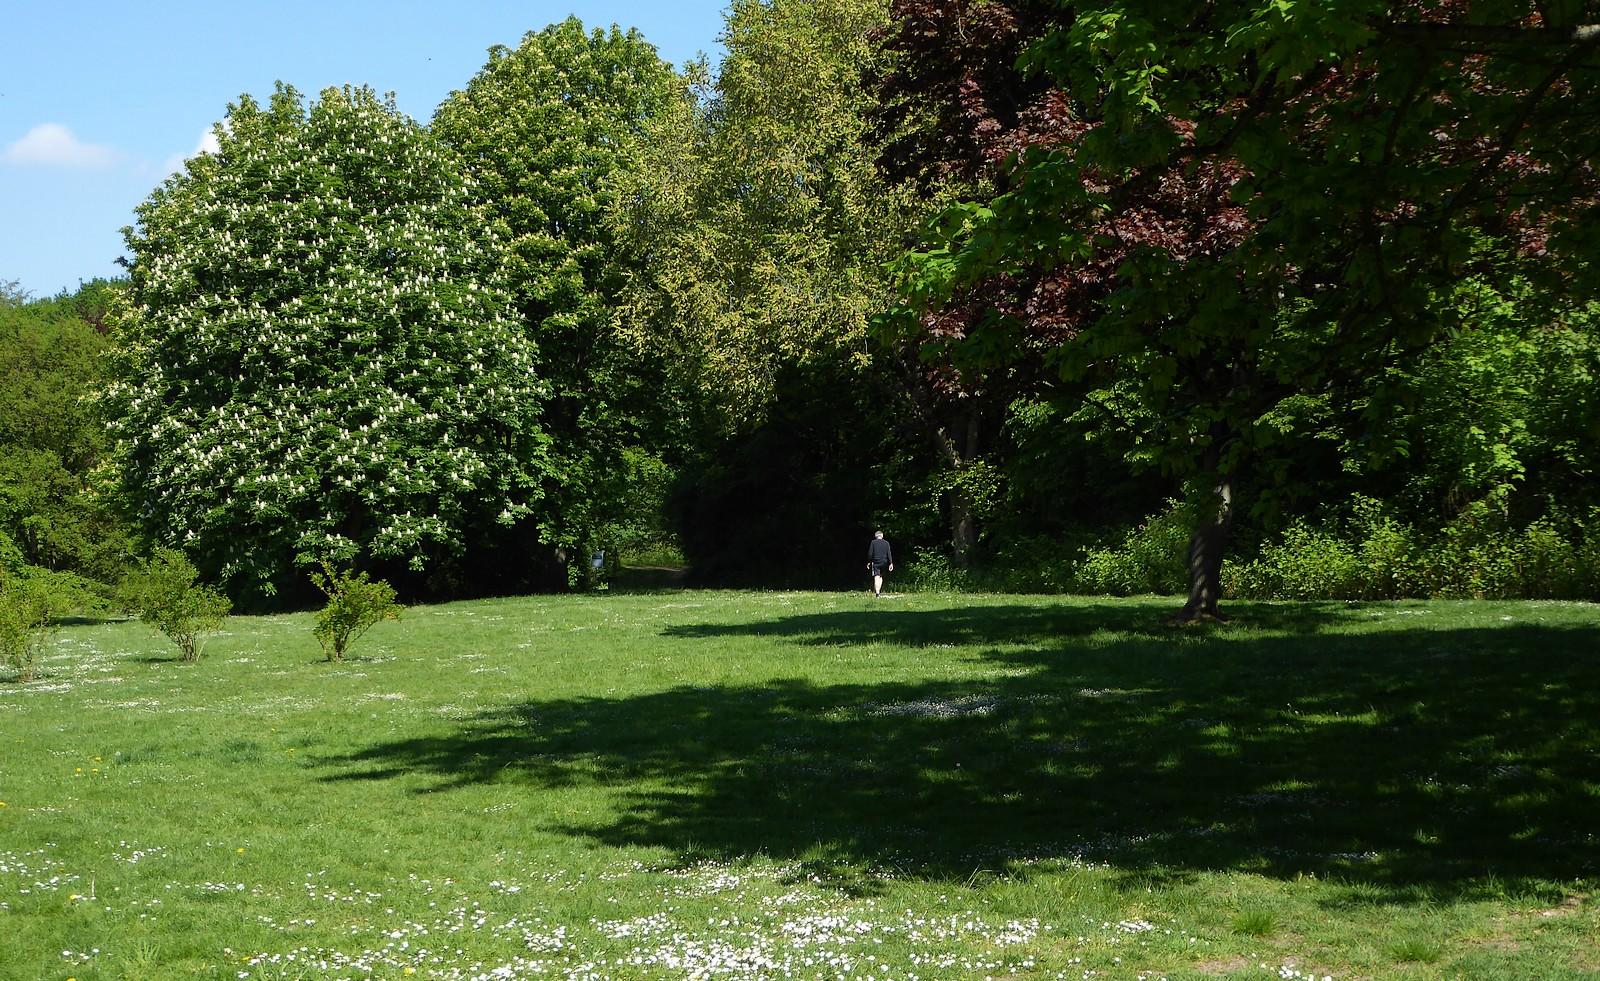 Sonntagsspaziergang im schattigen Park